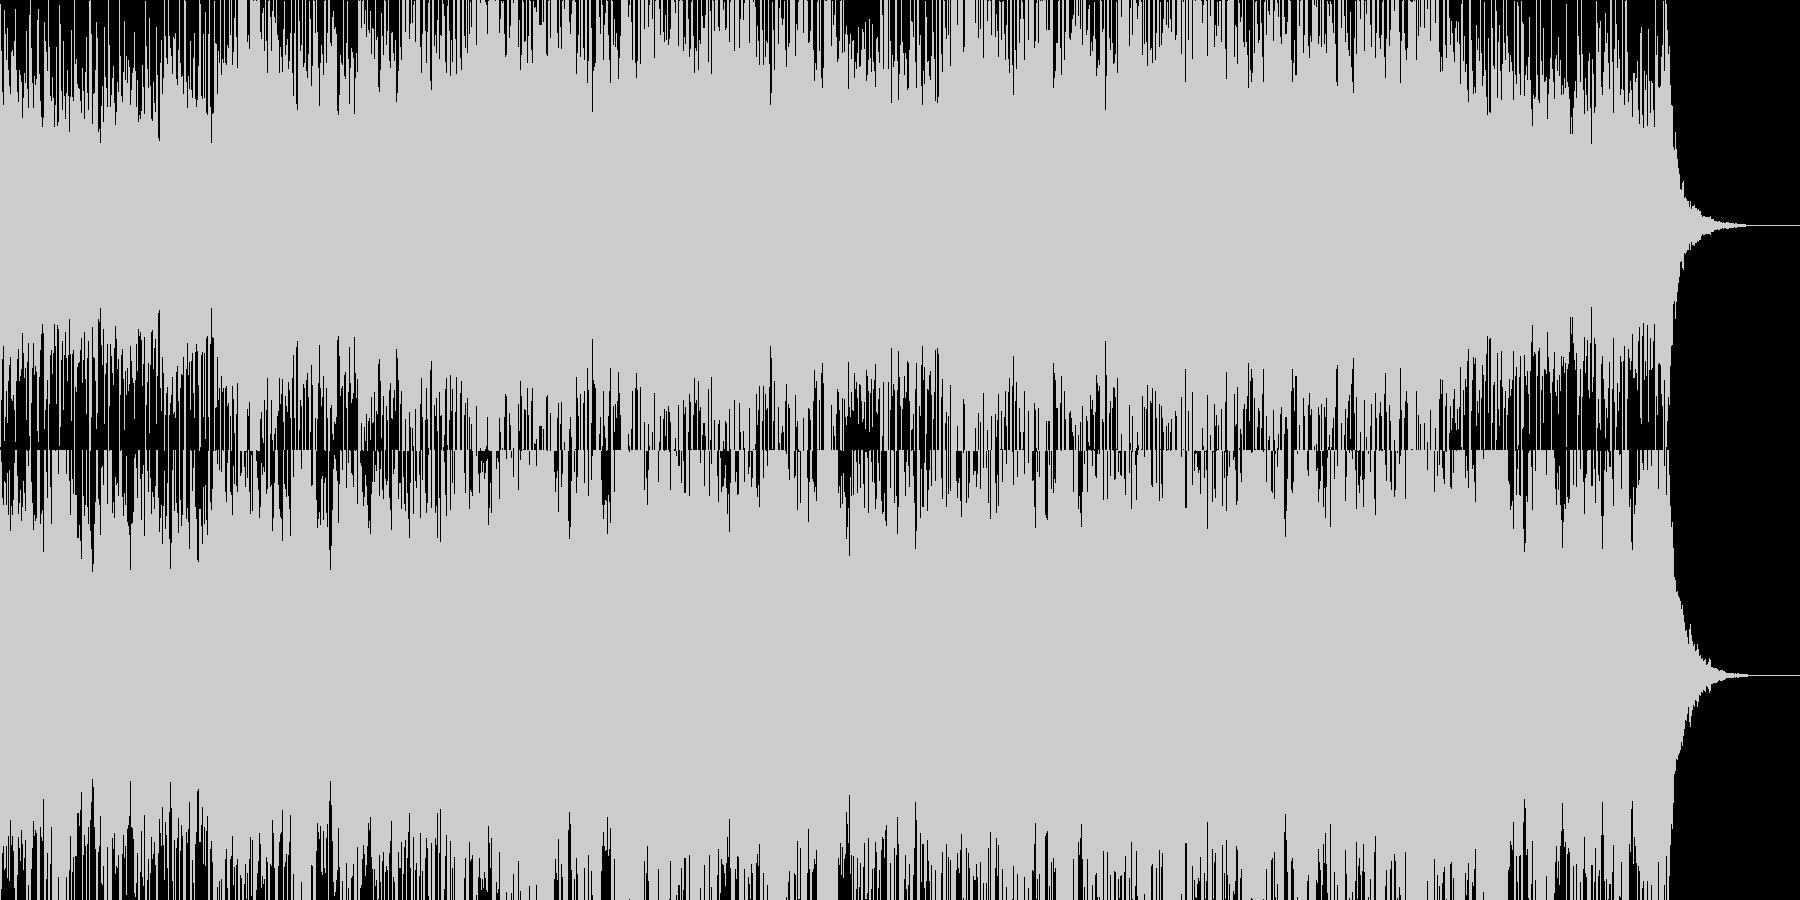 シンセとギターの神秘的なBGMの未再生の波形